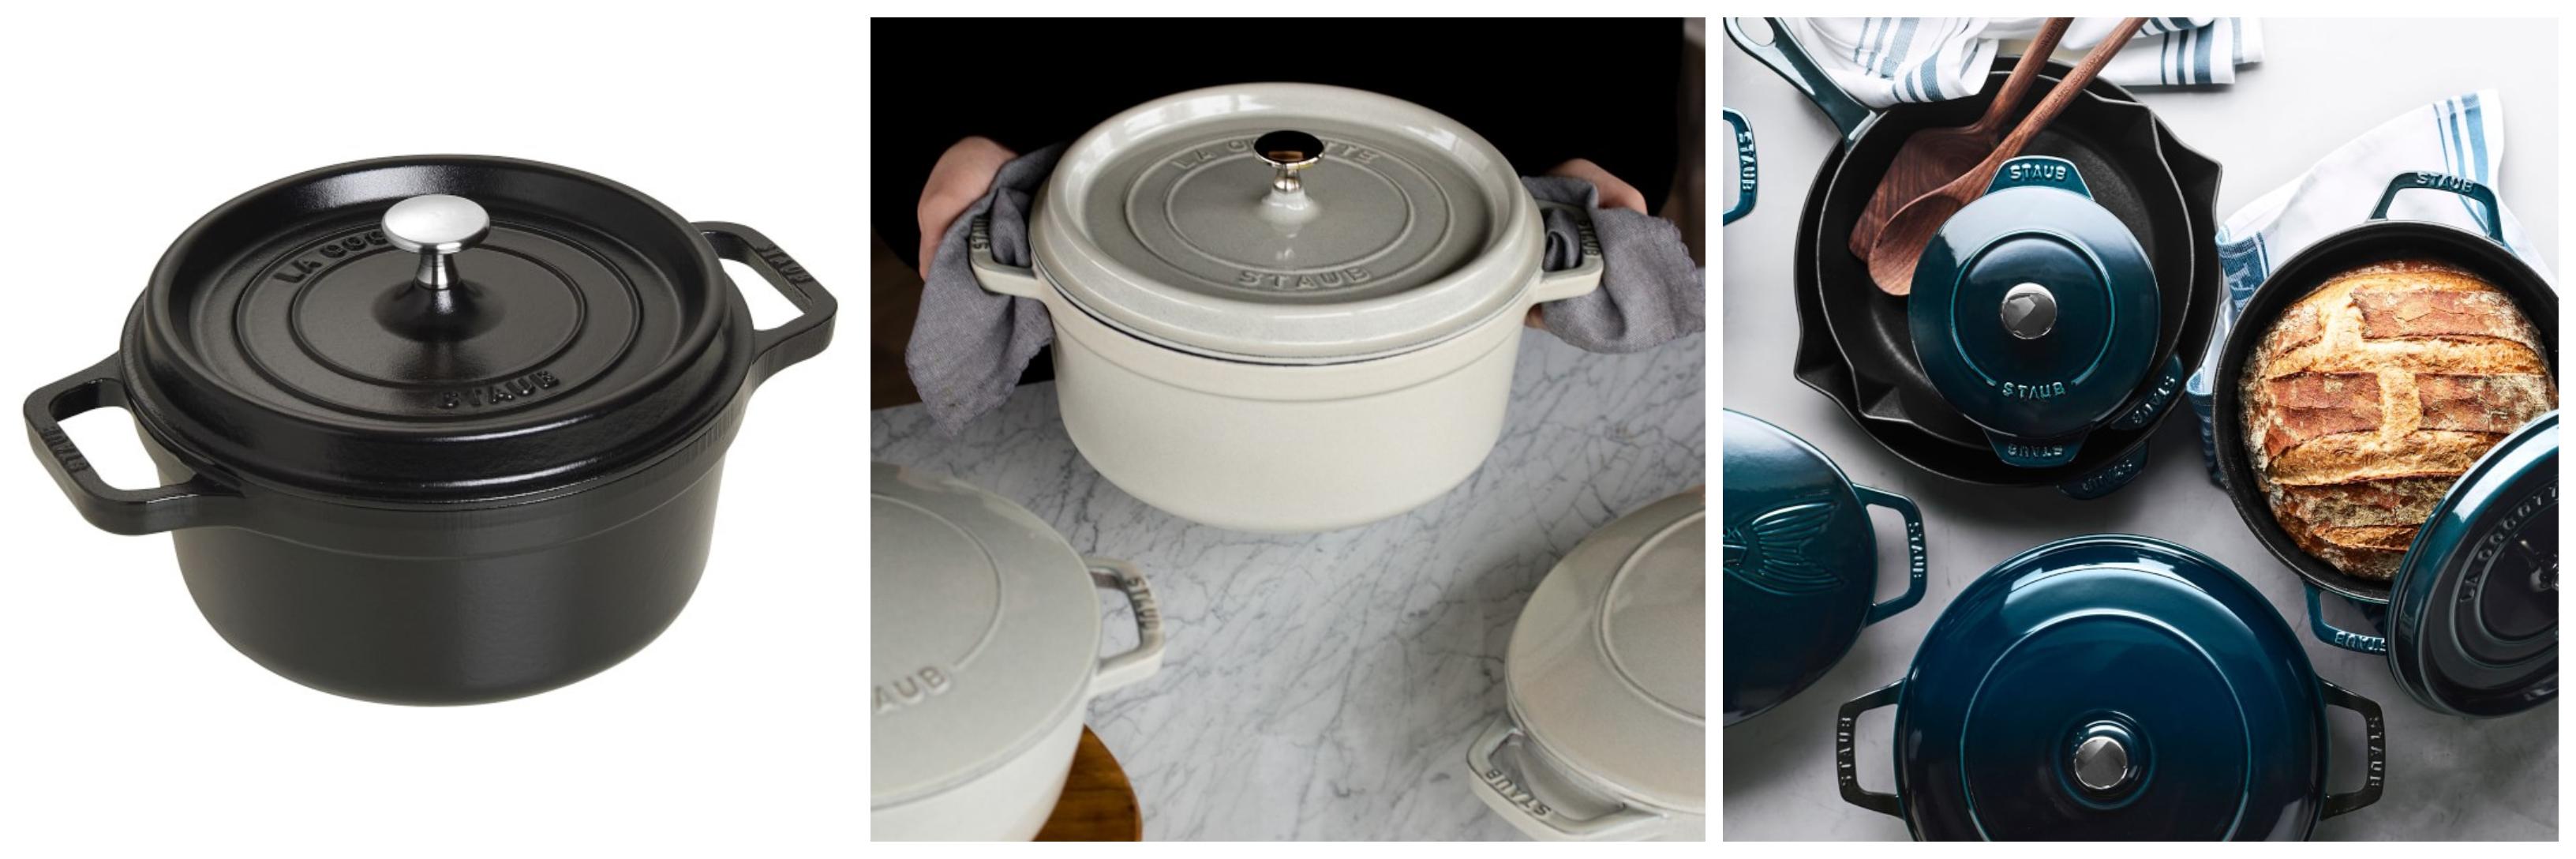 Staub Enameled Cast Iron Round Dutch Oven